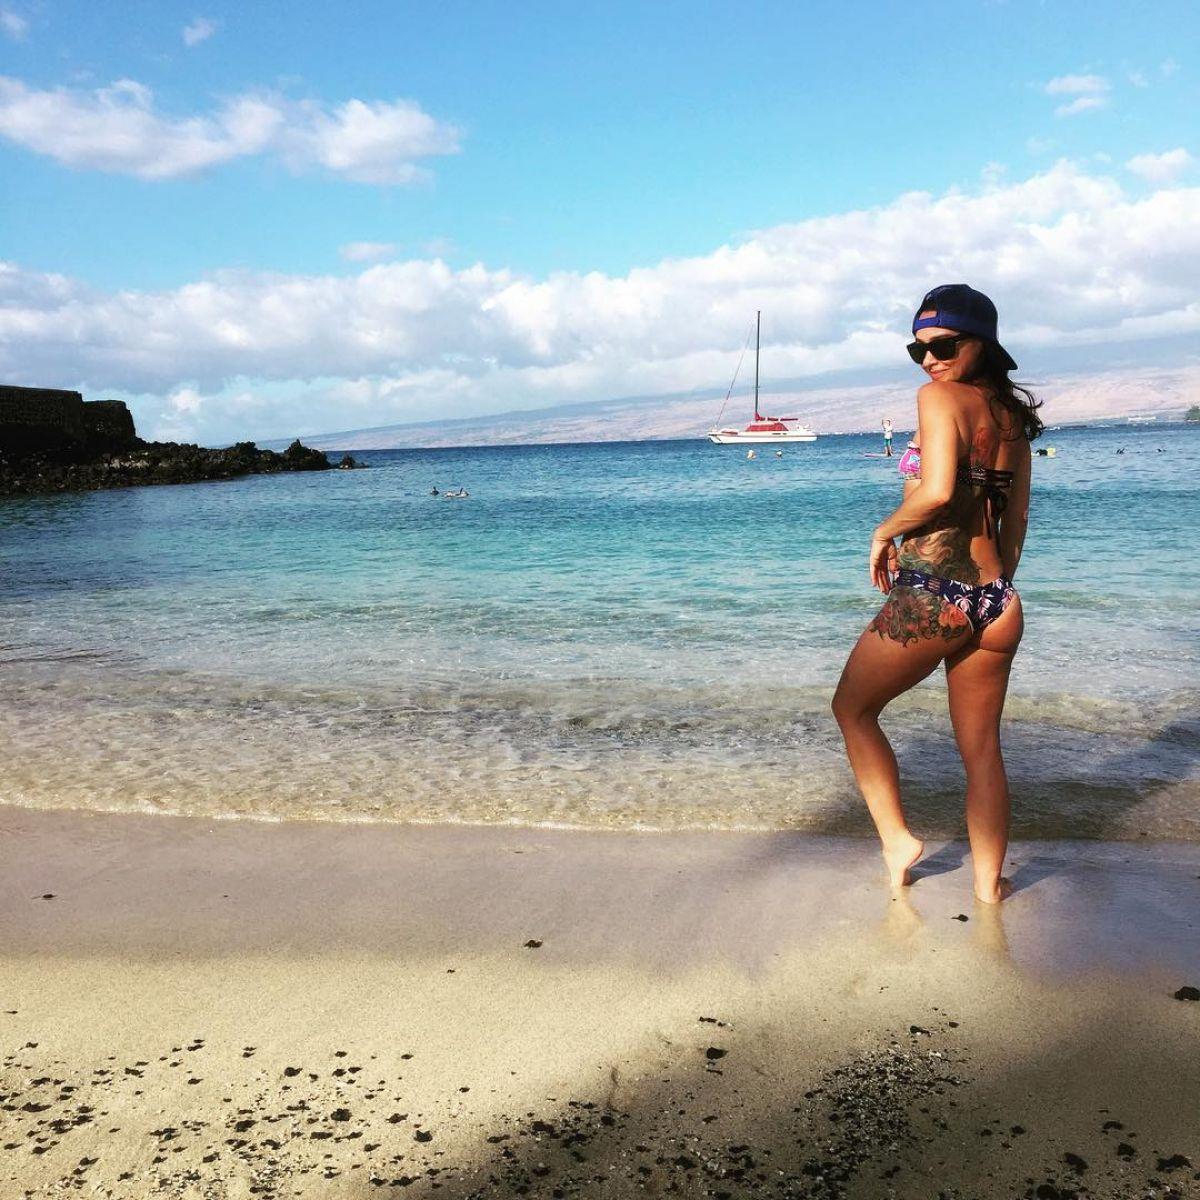 DANIELLE HARRIS in Bikini at a Beach in Hawaii, Instagram Picture 12/15/2015